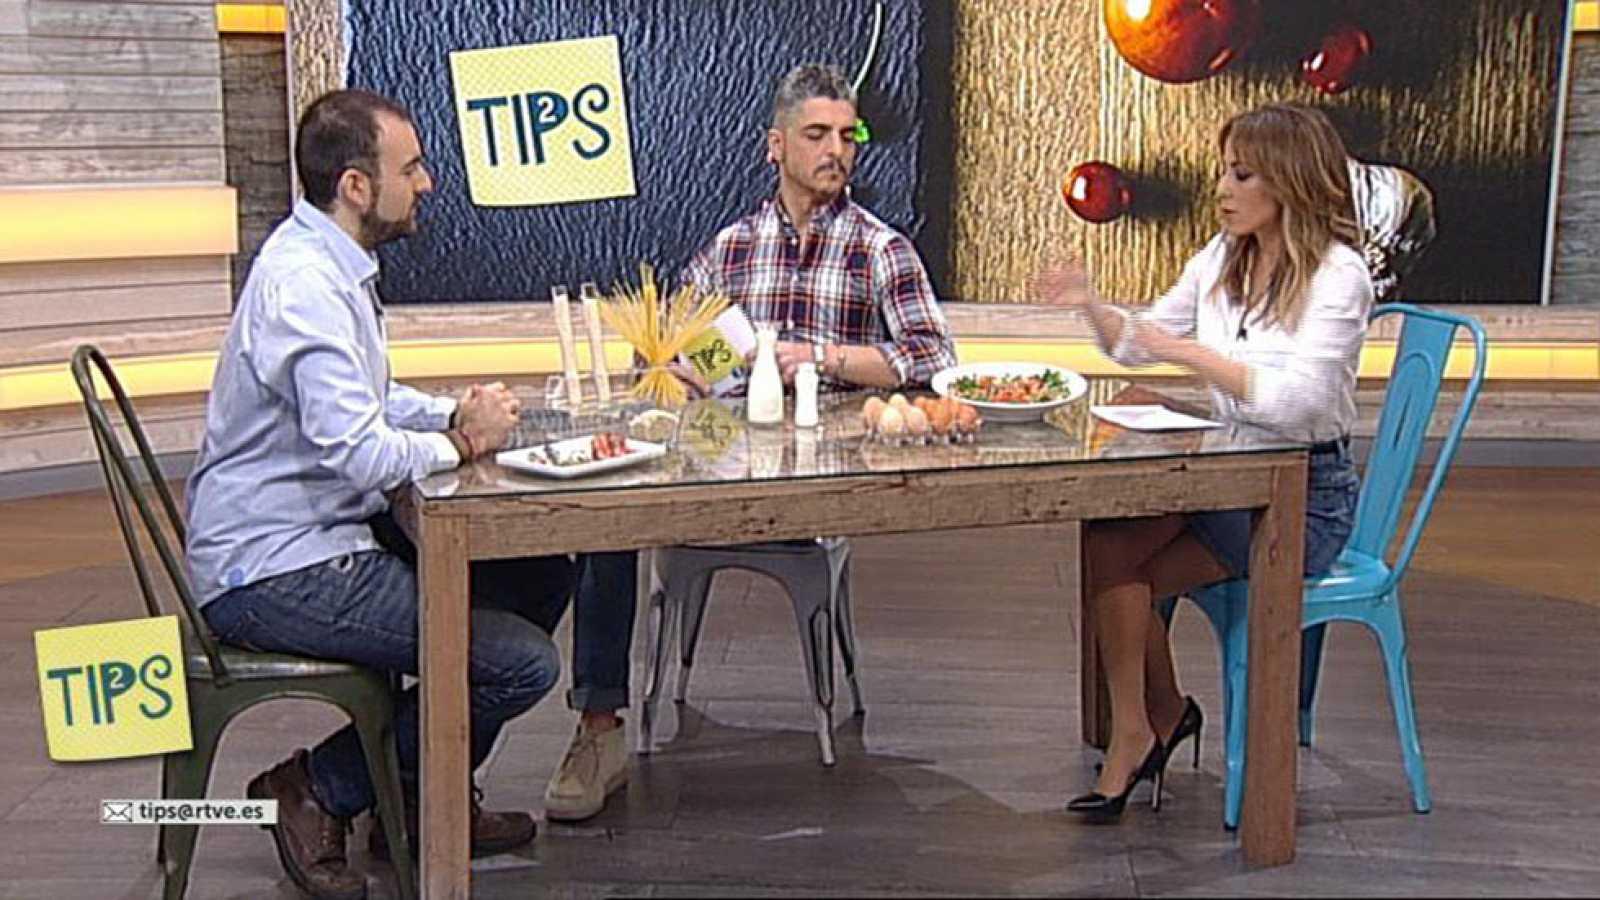 TIPS - Somos lo que comemos - Grasa saludable contra el colesterol